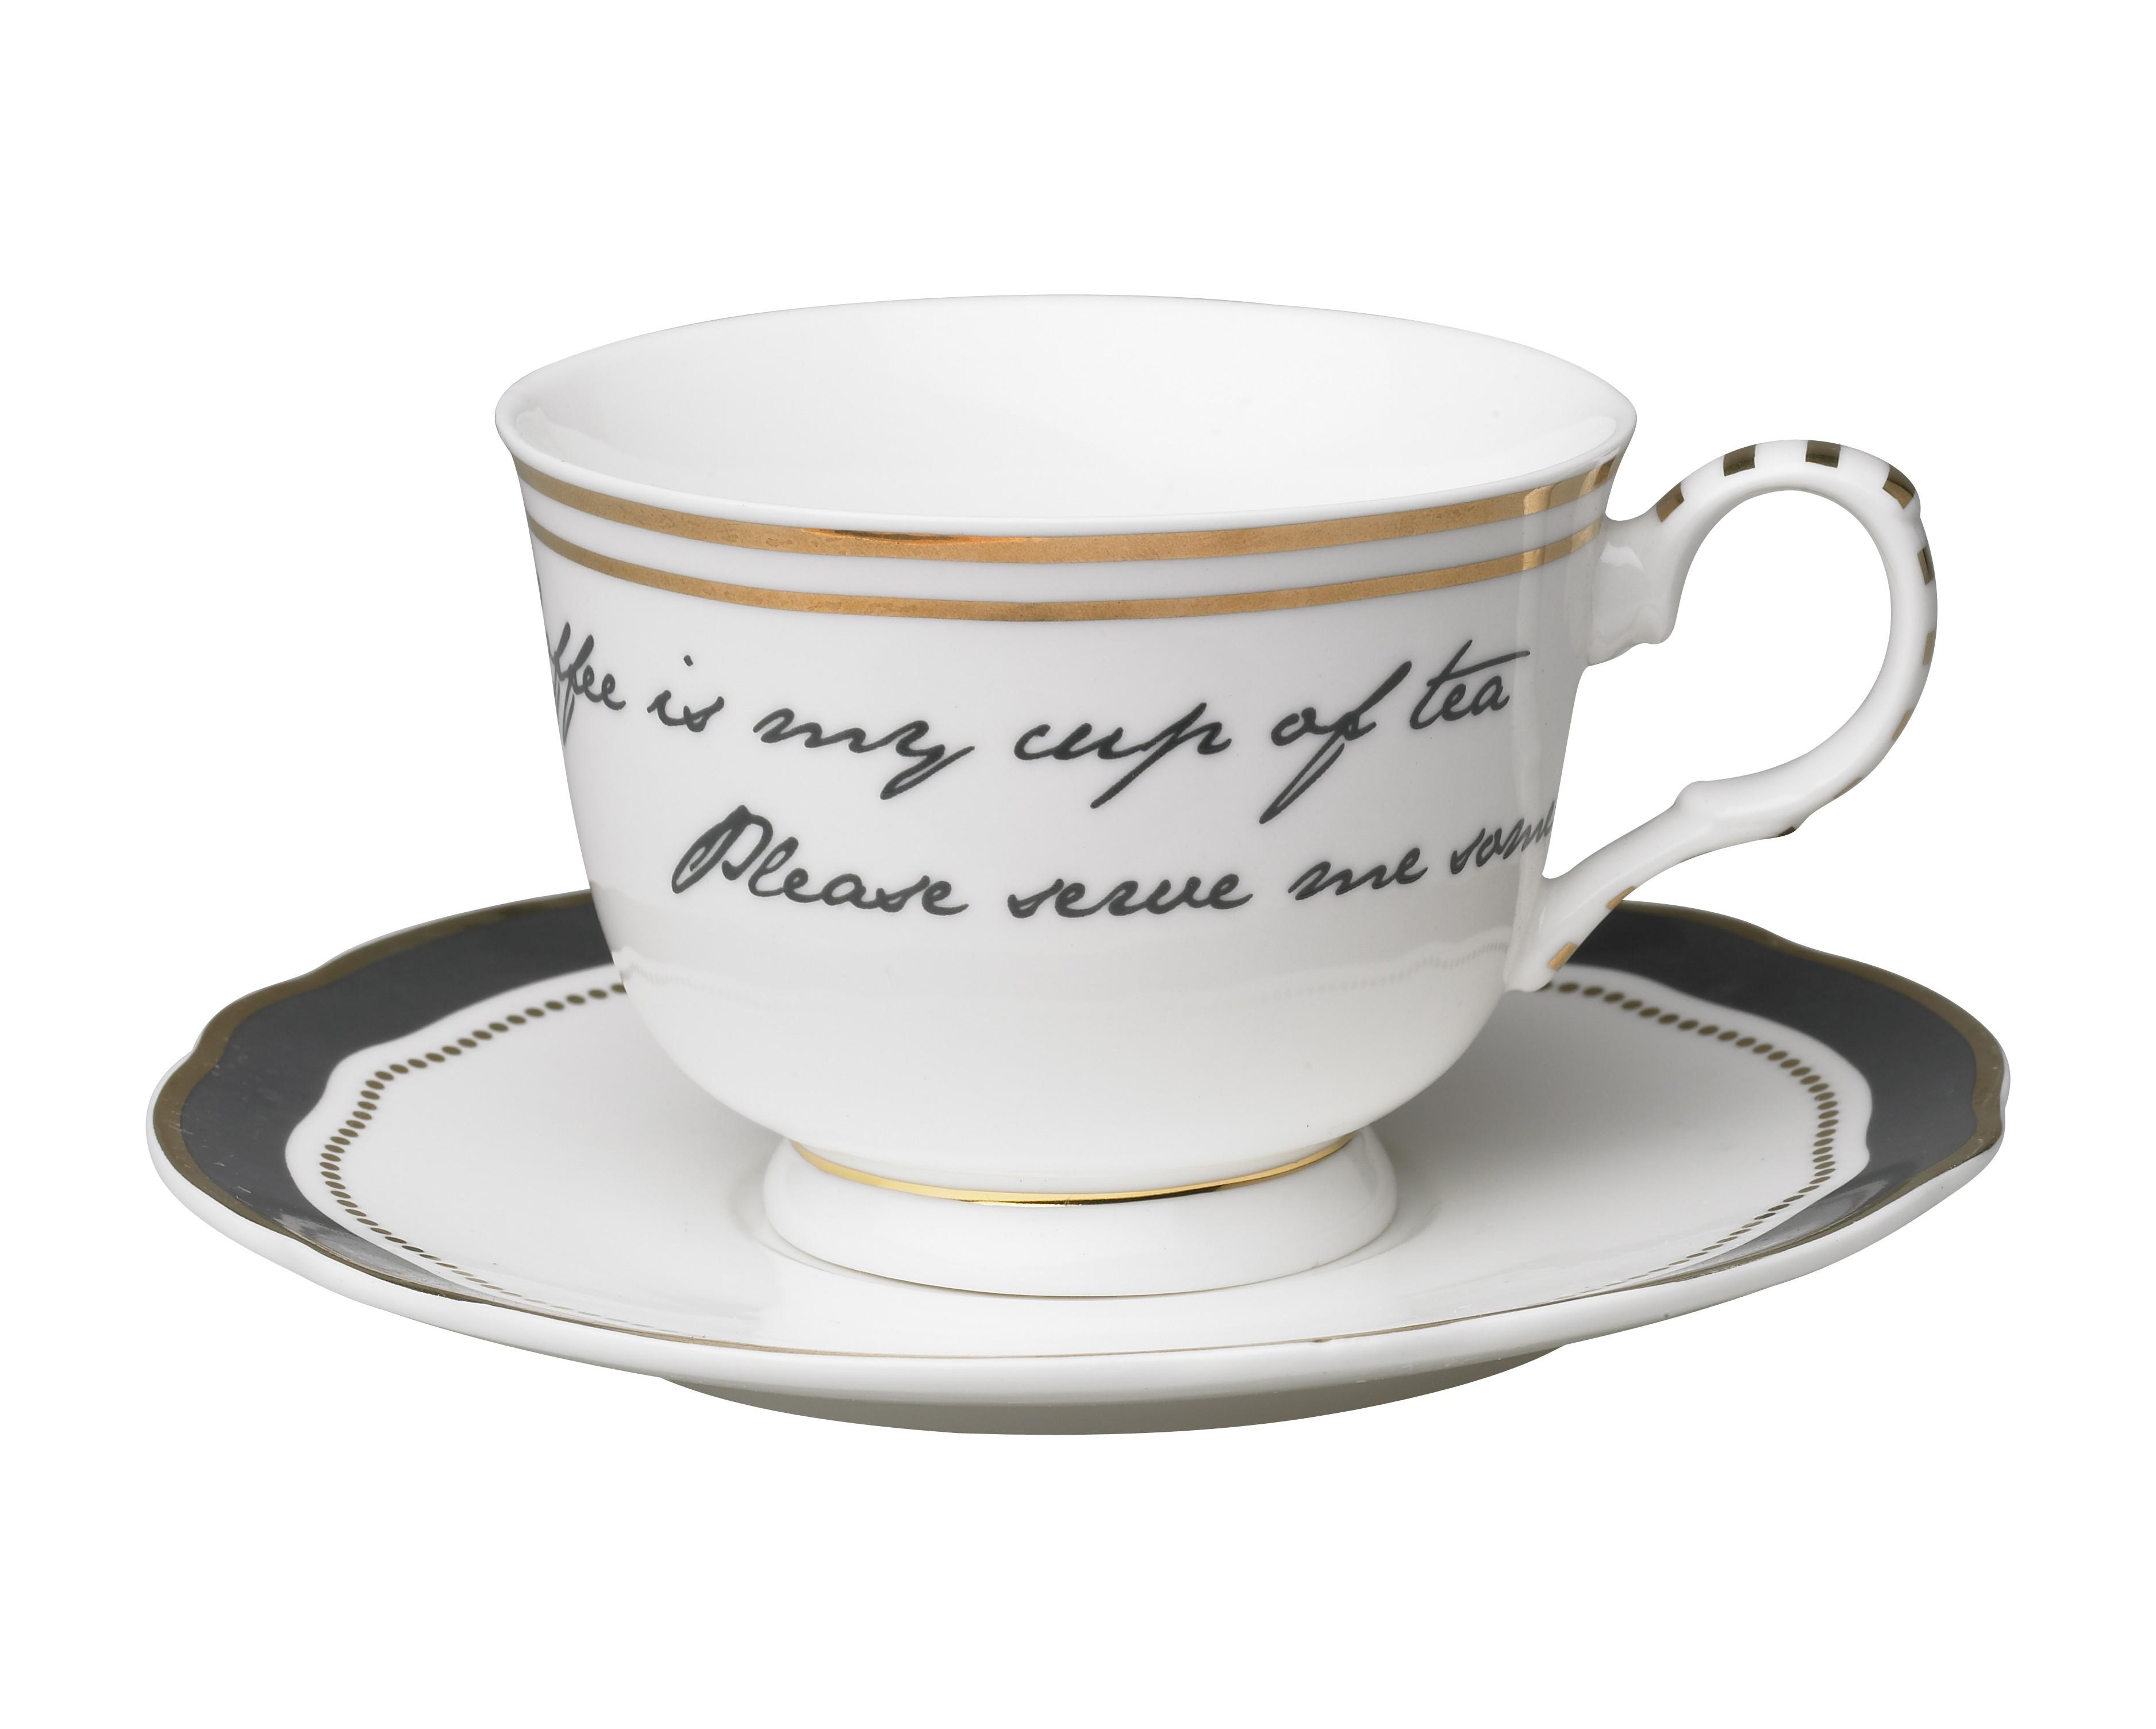 Набор из двух чашек с блюдцами My cup of teaЧайные пары, чашки и кружки<br>Набор из двух чайных пар с надписью. Создает подходящую атмосферу для уютного чаепития с близким человеком.&amp;amp;nbsp;&amp;lt;div&amp;gt;&amp;lt;br&amp;gt;&amp;lt;/div&amp;gt;&amp;lt;div&amp;gt;Размер чашки: высота 7,5, диаметр 9,5.&amp;amp;nbsp;&amp;lt;/div&amp;gt;&amp;lt;div&amp;gt;Размер блюдца: высота 2, диаметр 16.&amp;lt;/div&amp;gt;<br><br>Material: Фарфор<br>Height см: 7,5<br>Diameter см: 9,5